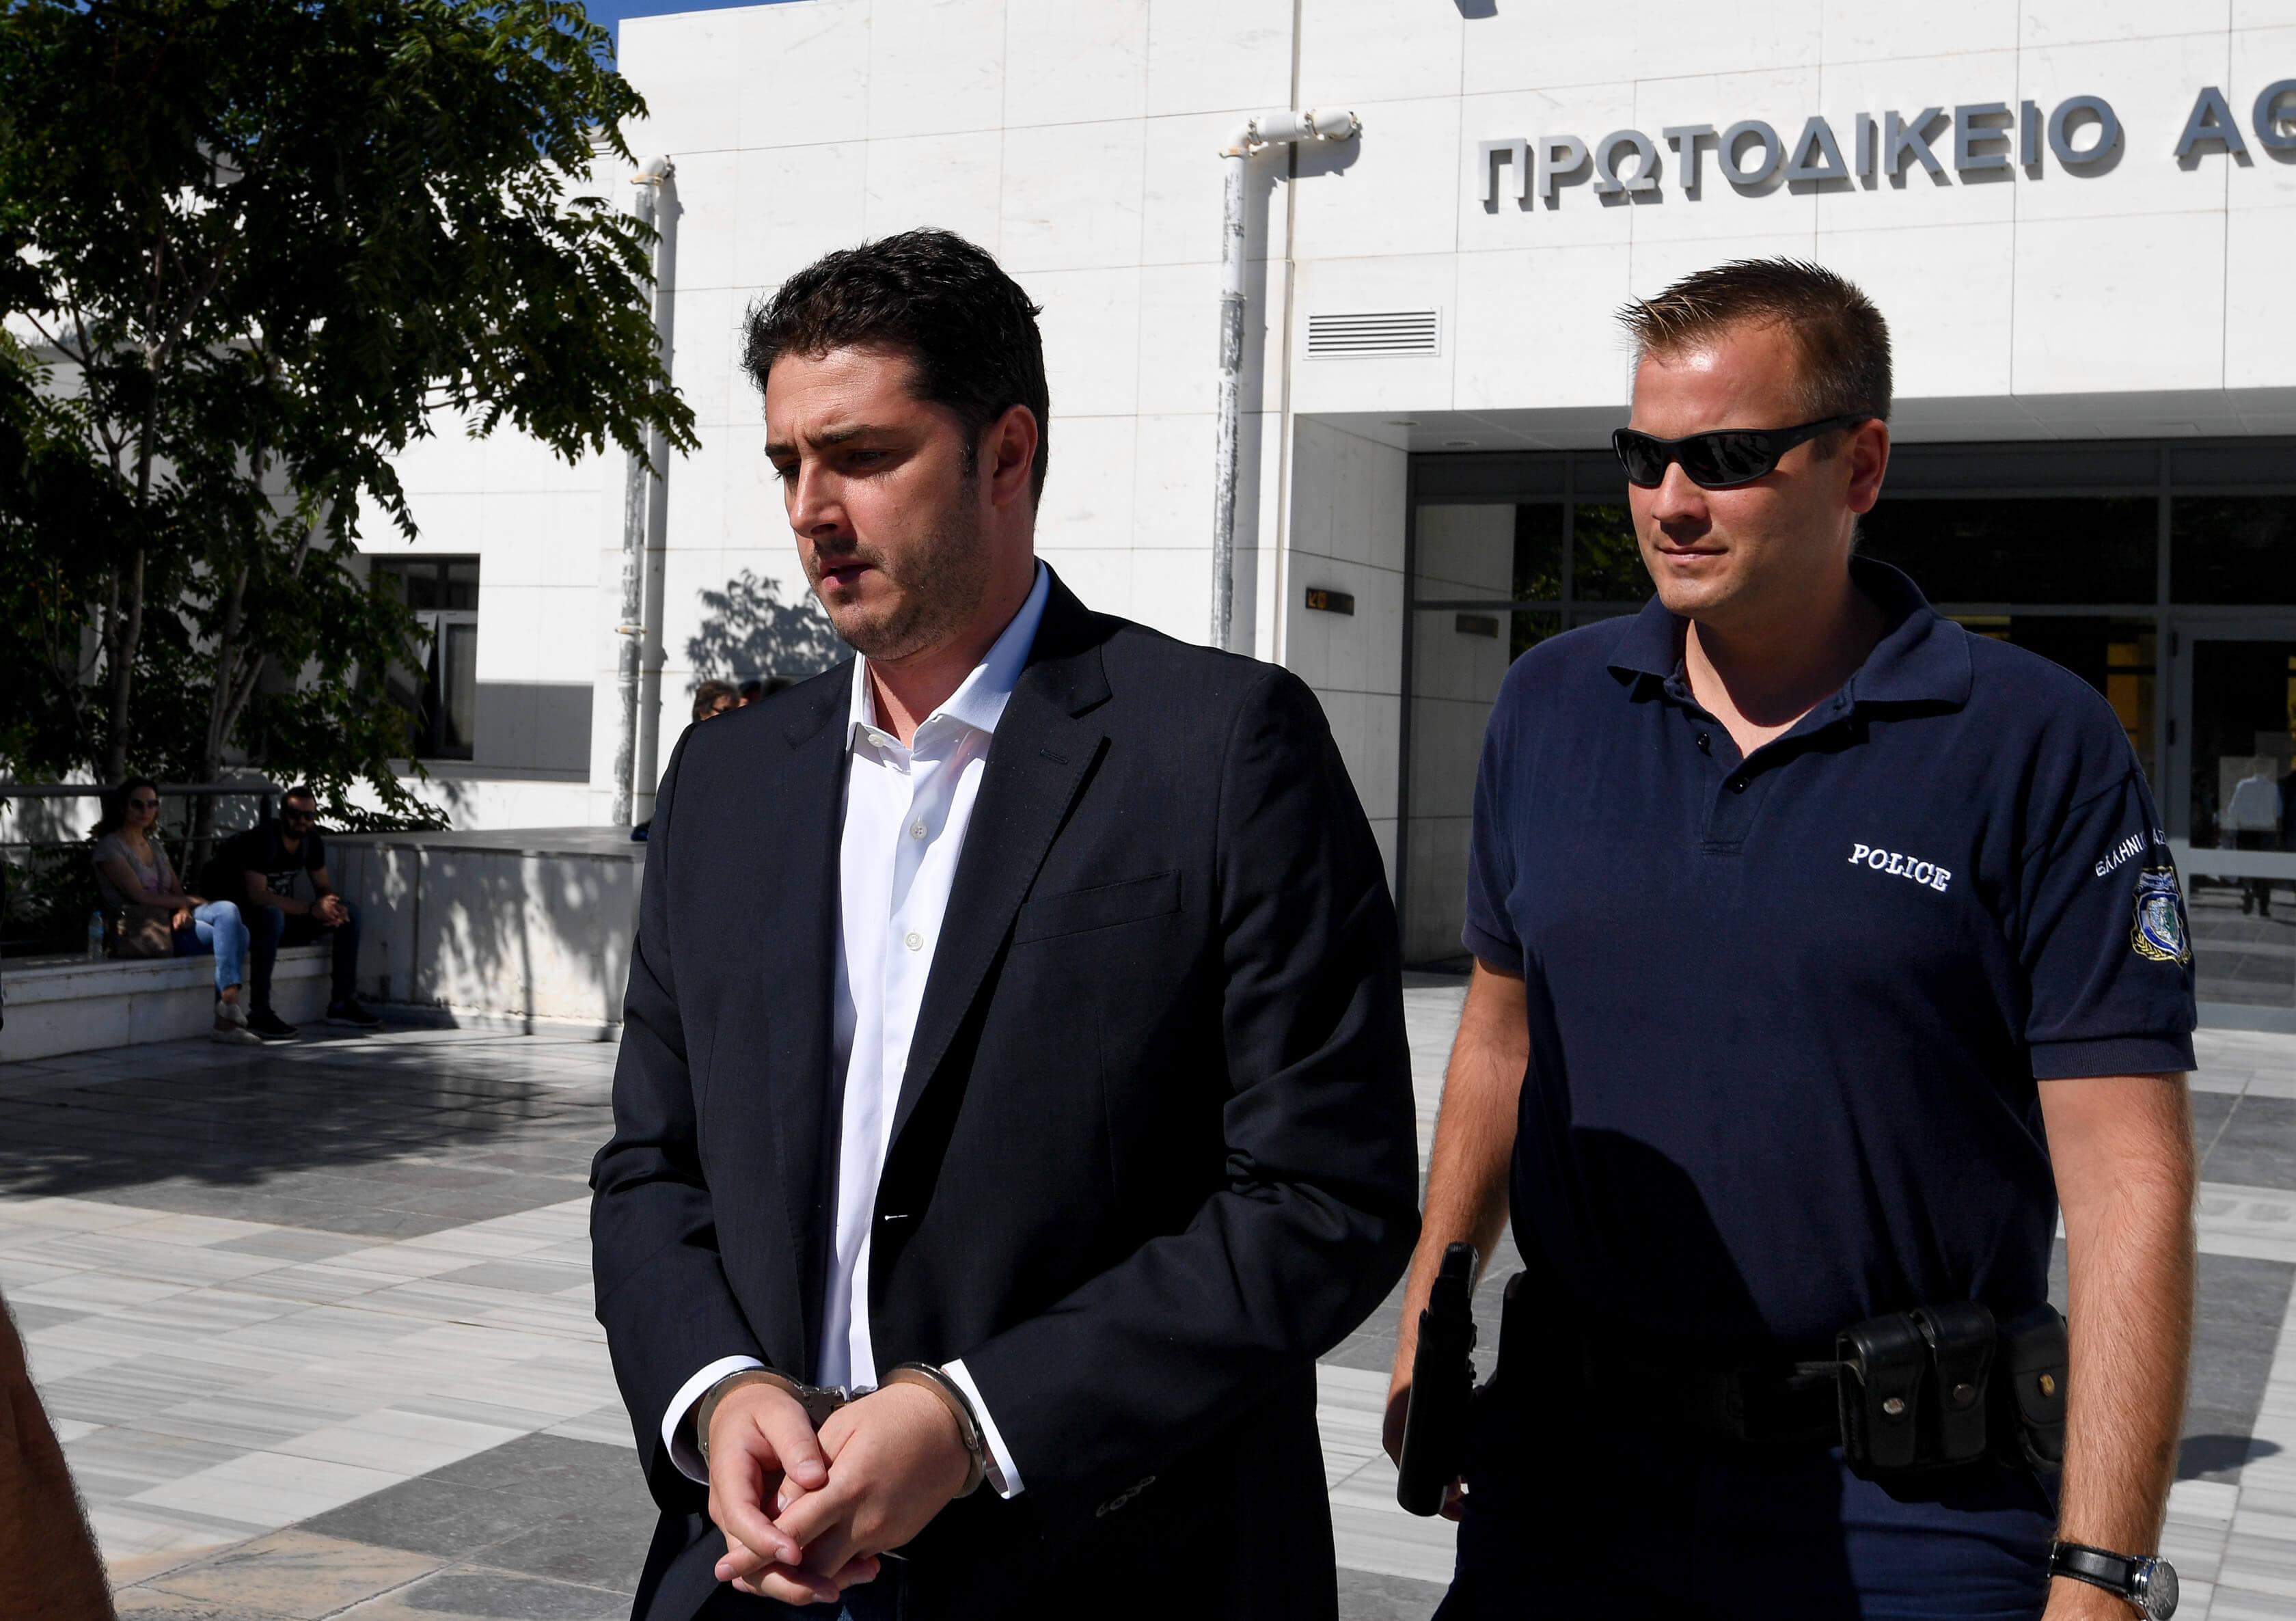 """""""Χαμός"""" στην δίκη για την δολοφονία Ζαφειρόπουλου - Φλώρος: Ο Αντωνόπουλος ελέγχει τους Αλβανούς - Αντωνόπουλος: Ο Φλώρος είναι ο δολοφόνος"""